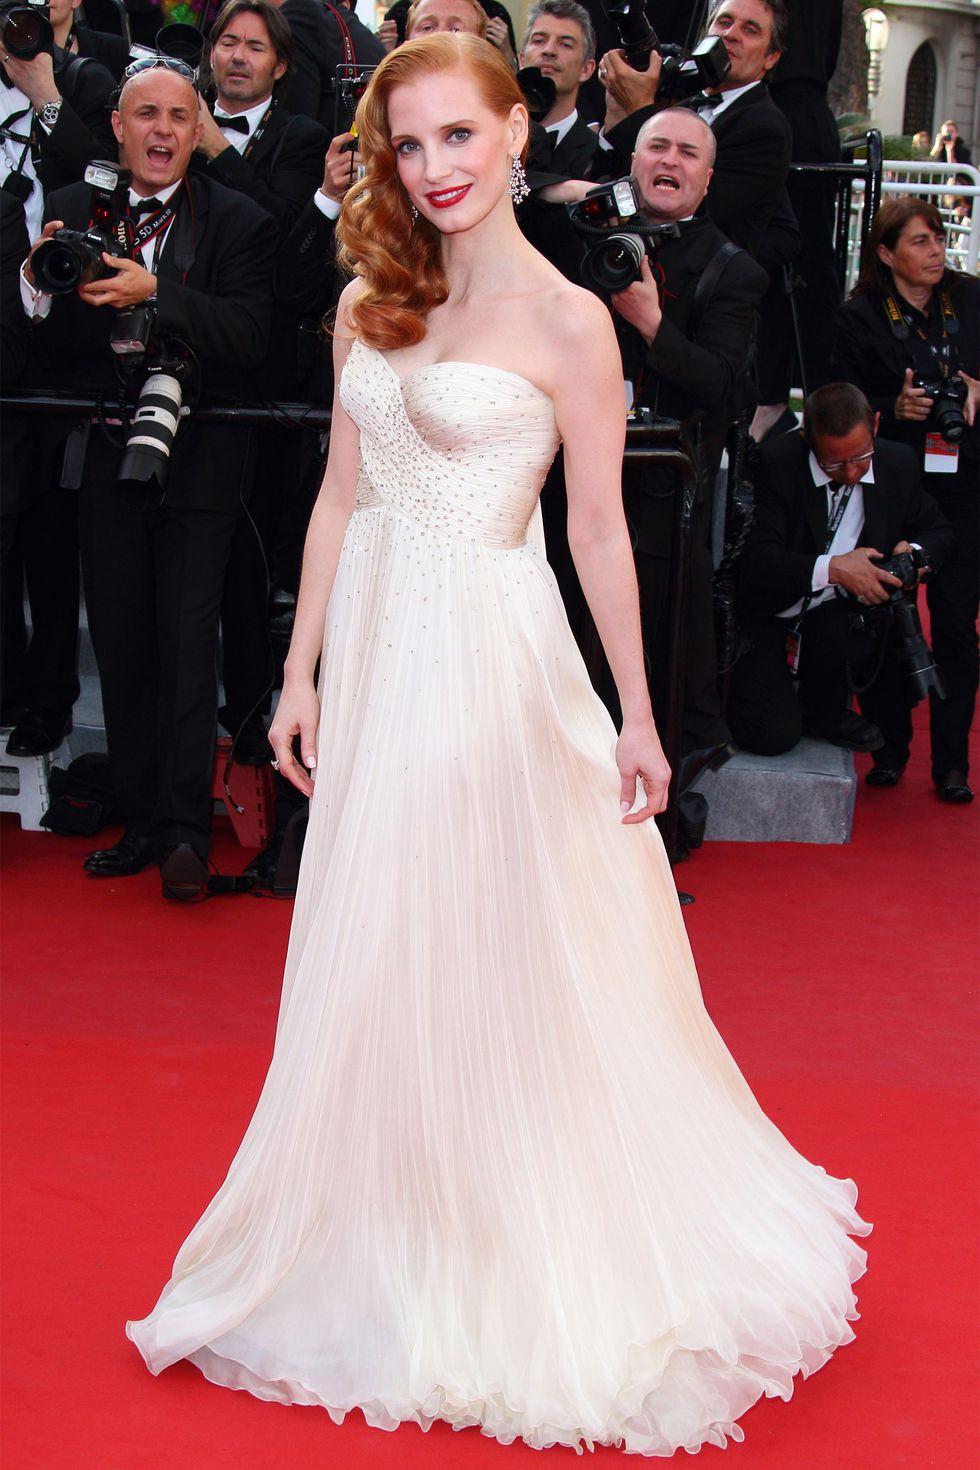 30 màn thả dáng có thần thái đi vào huyền thoại Cannes: Không cần trò vạch, phơi lồng lộn vẫn chiếm trọn spotlight! - Ảnh 15.